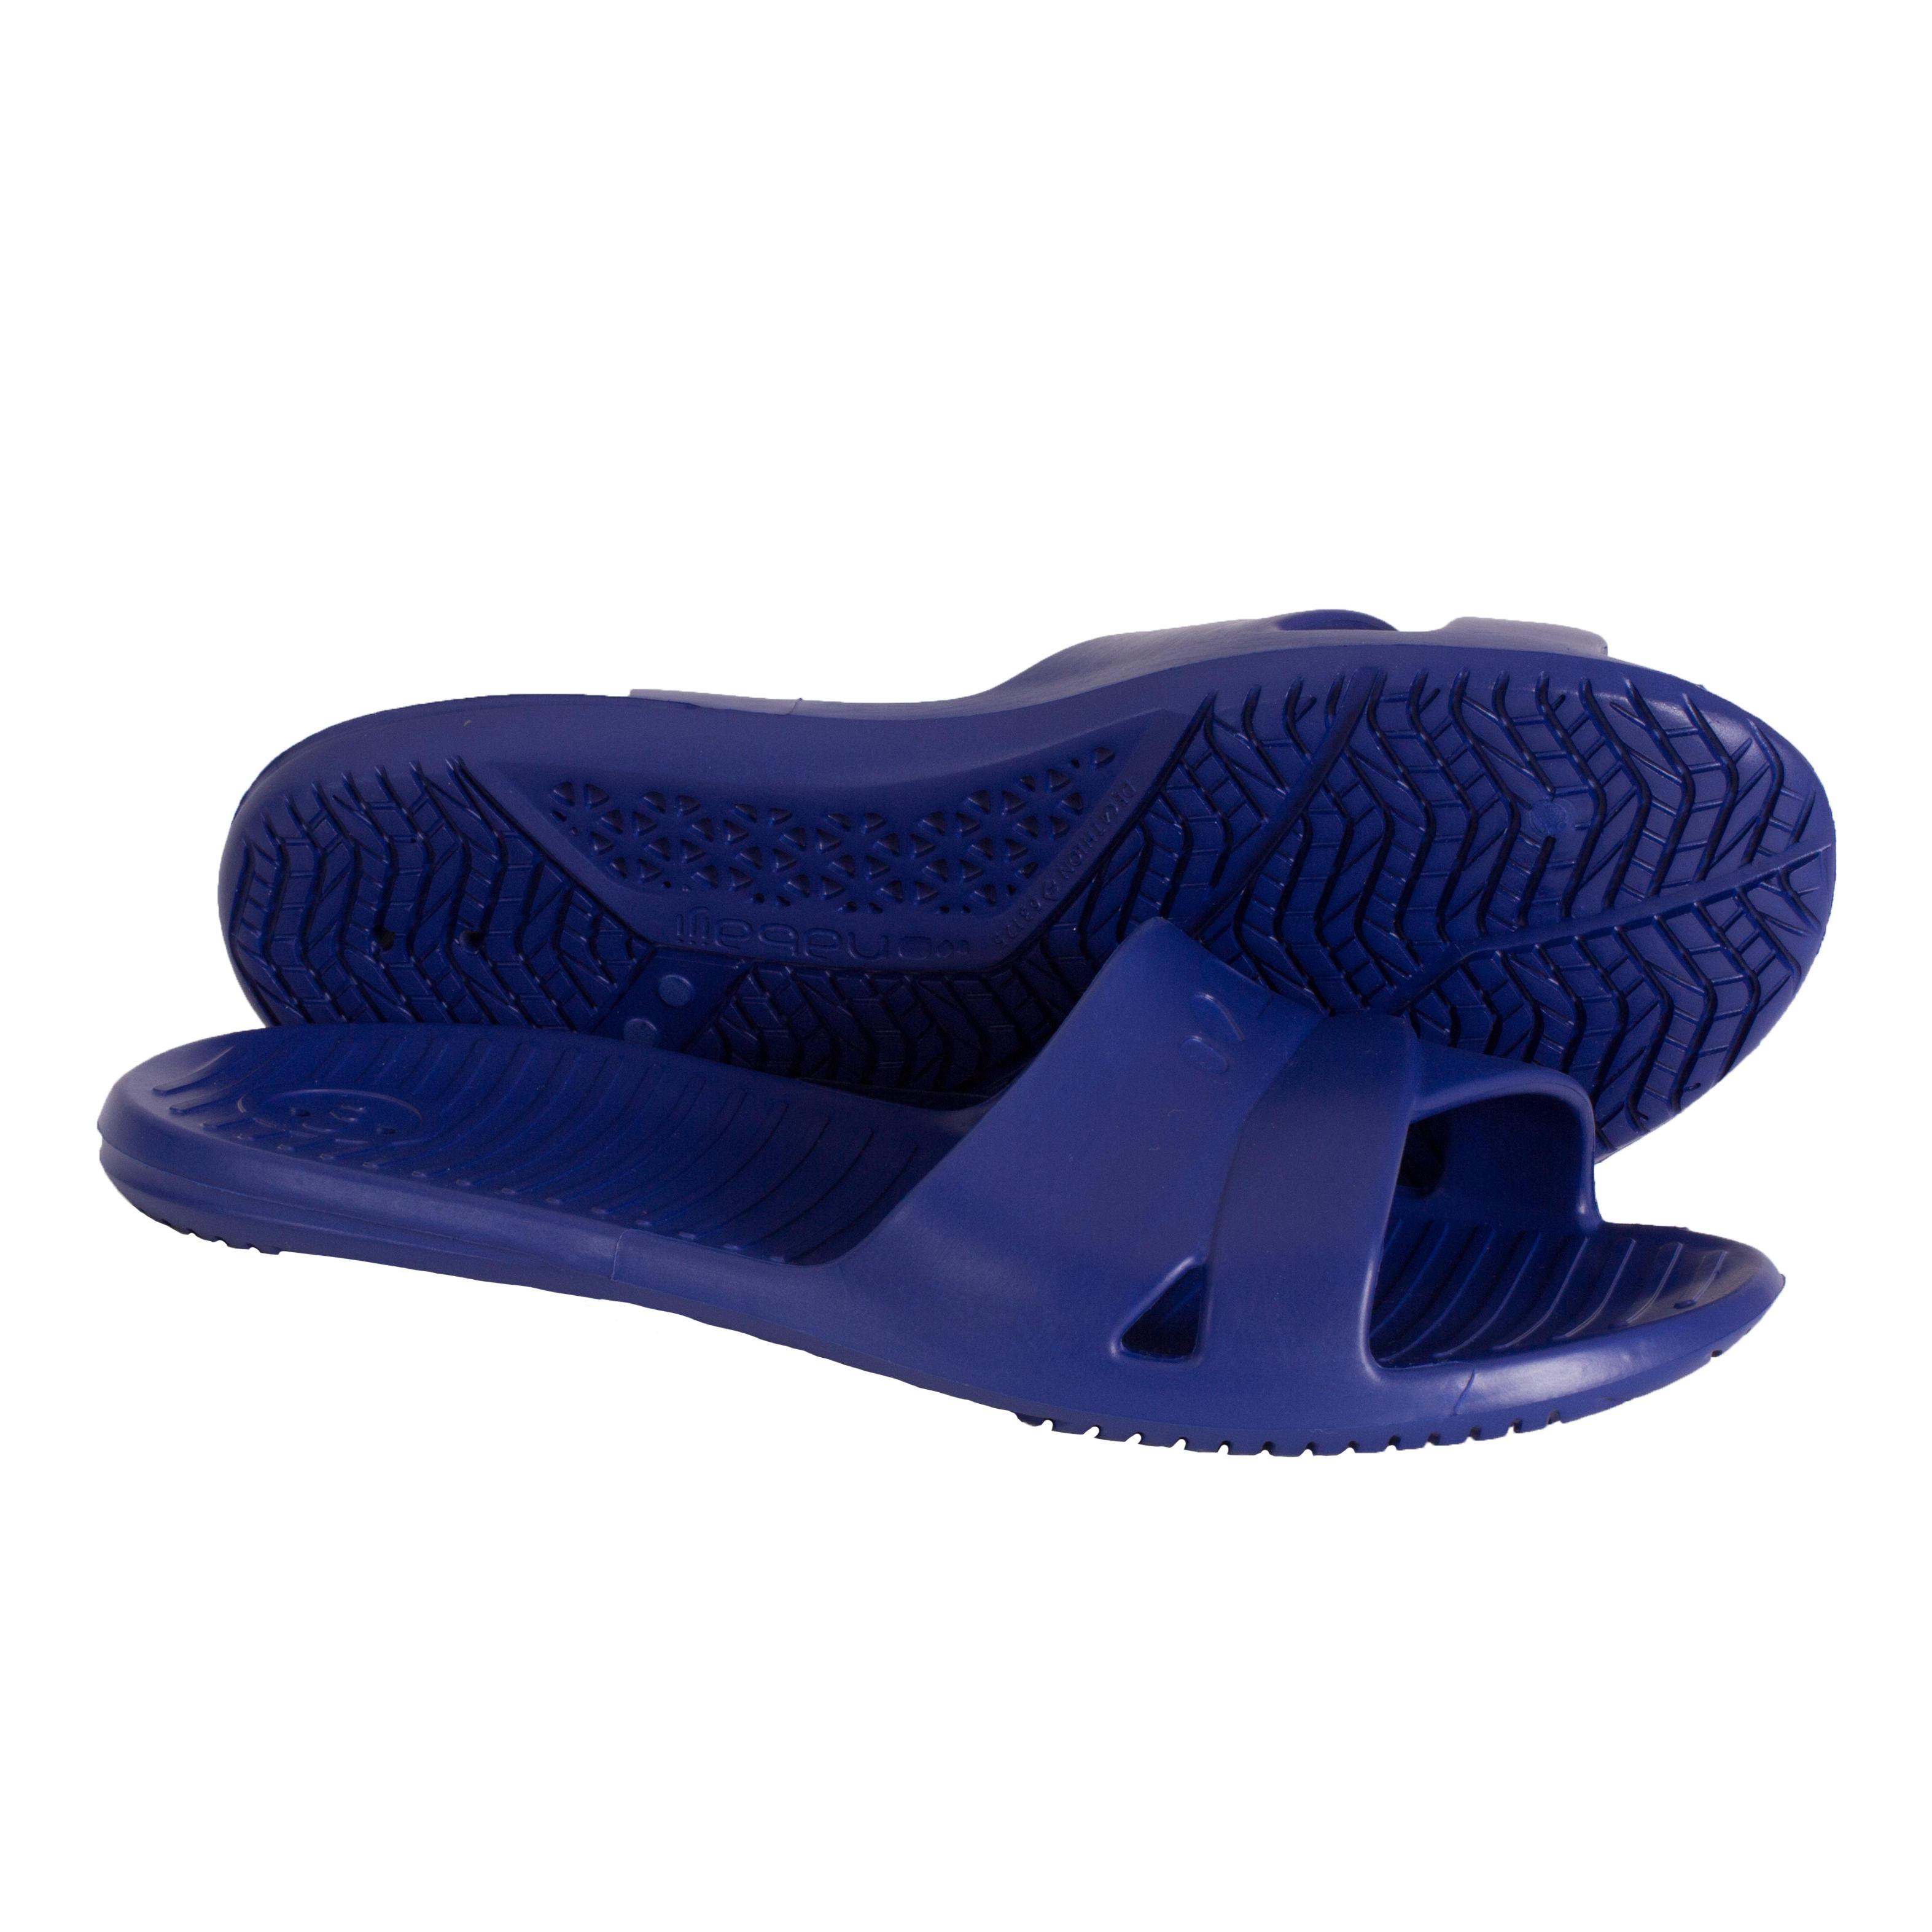 Badelatschen Slap 100 Basic Damen dunkelblau